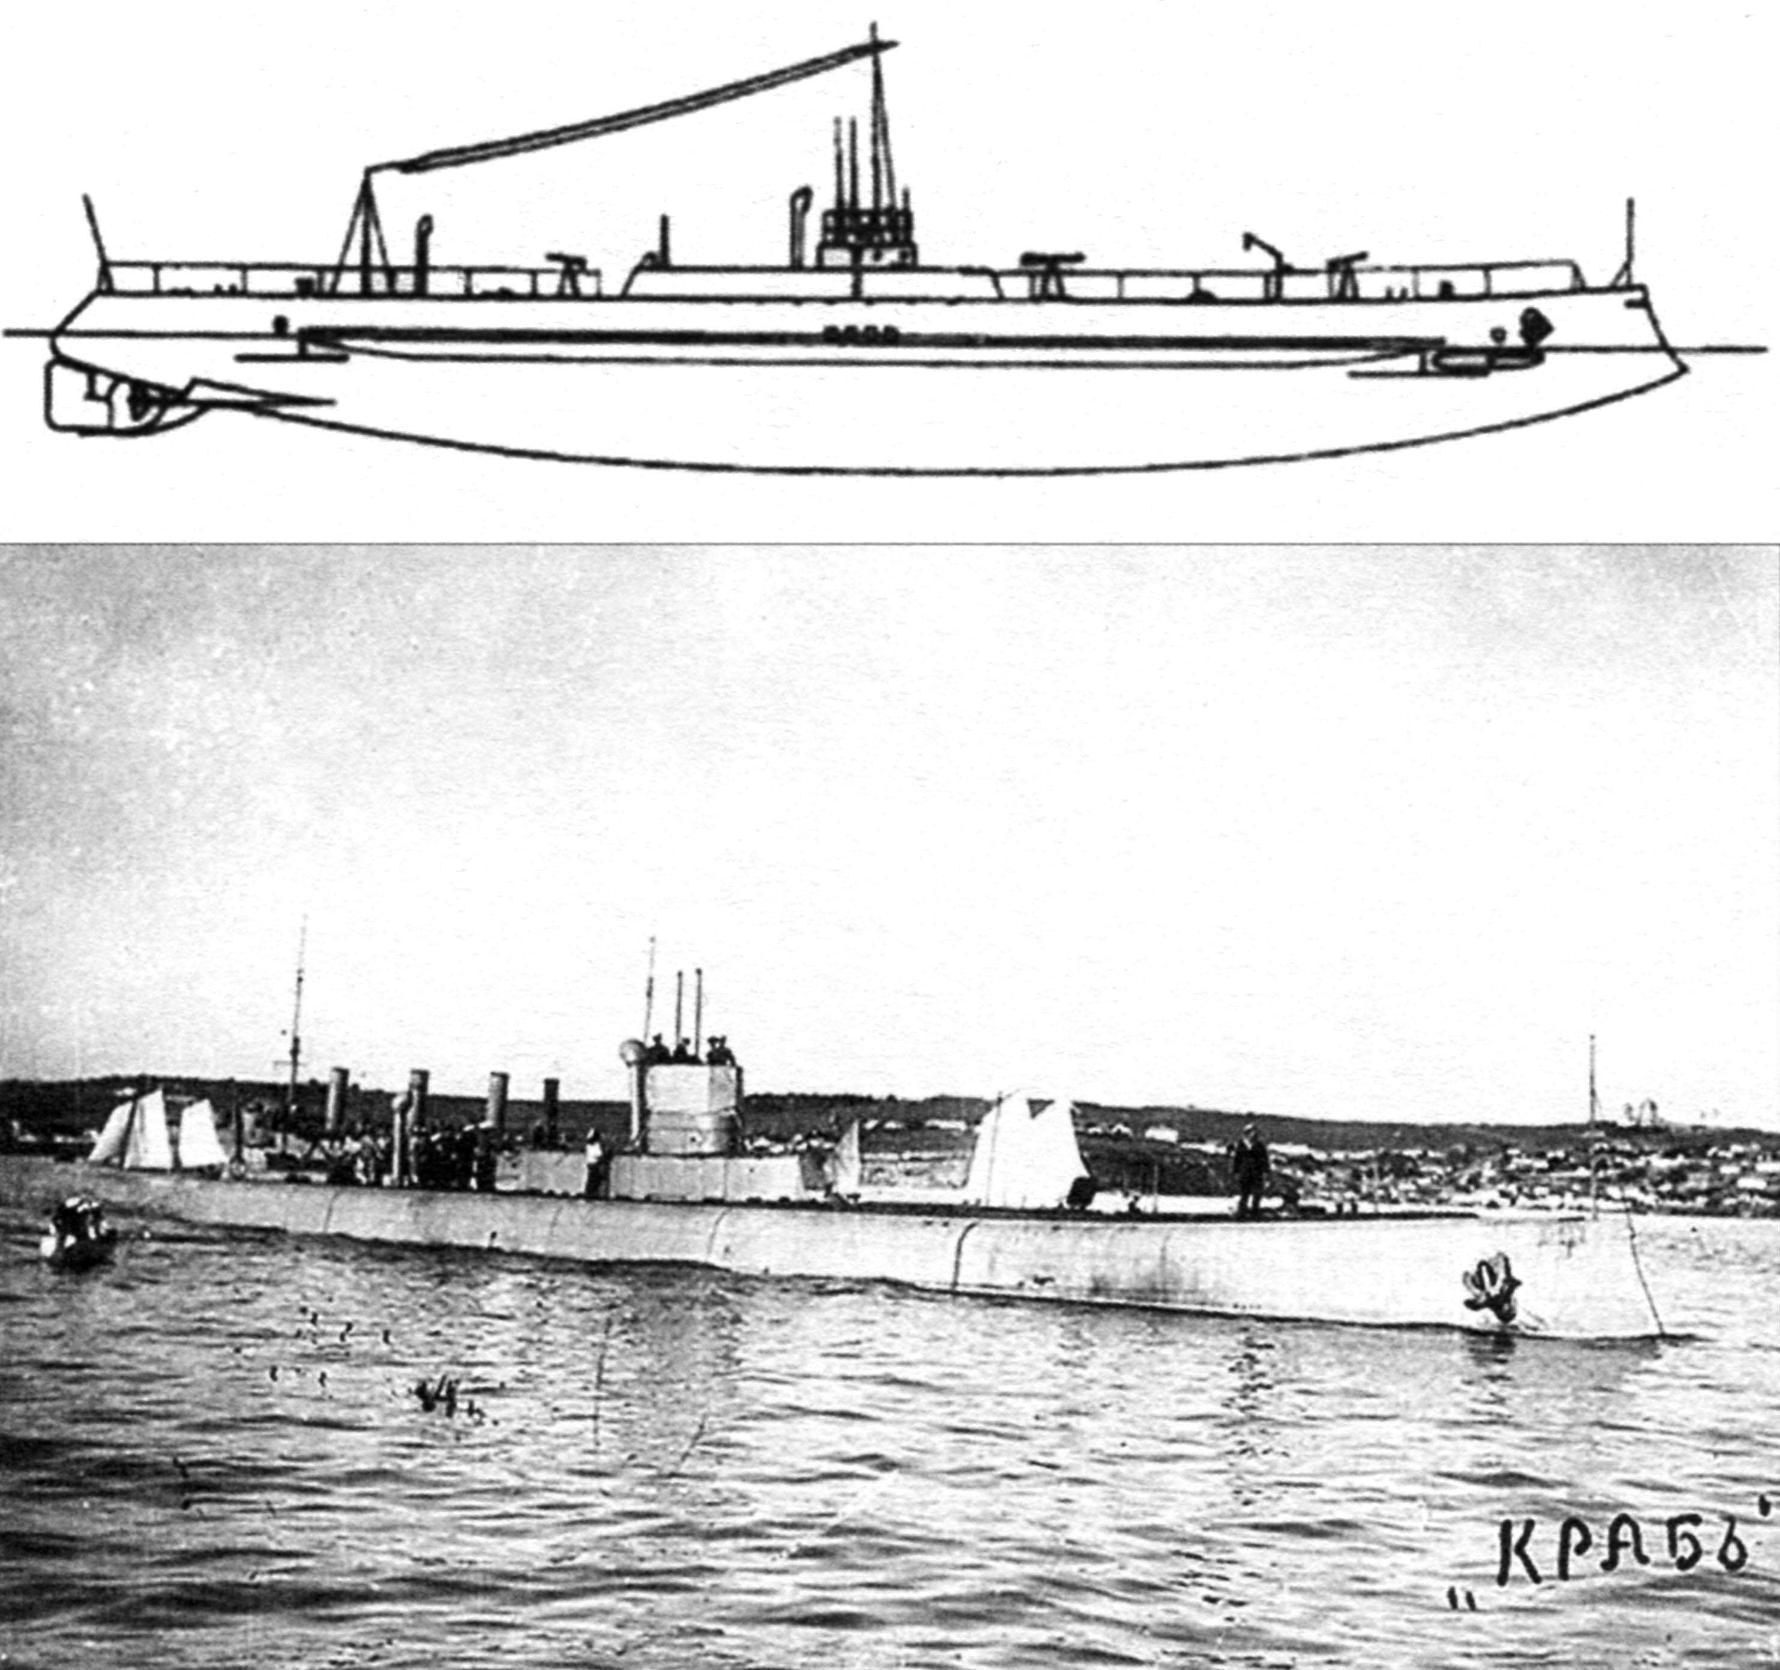 Подводный минный заградитель «Краб», Россия, 1916 г.